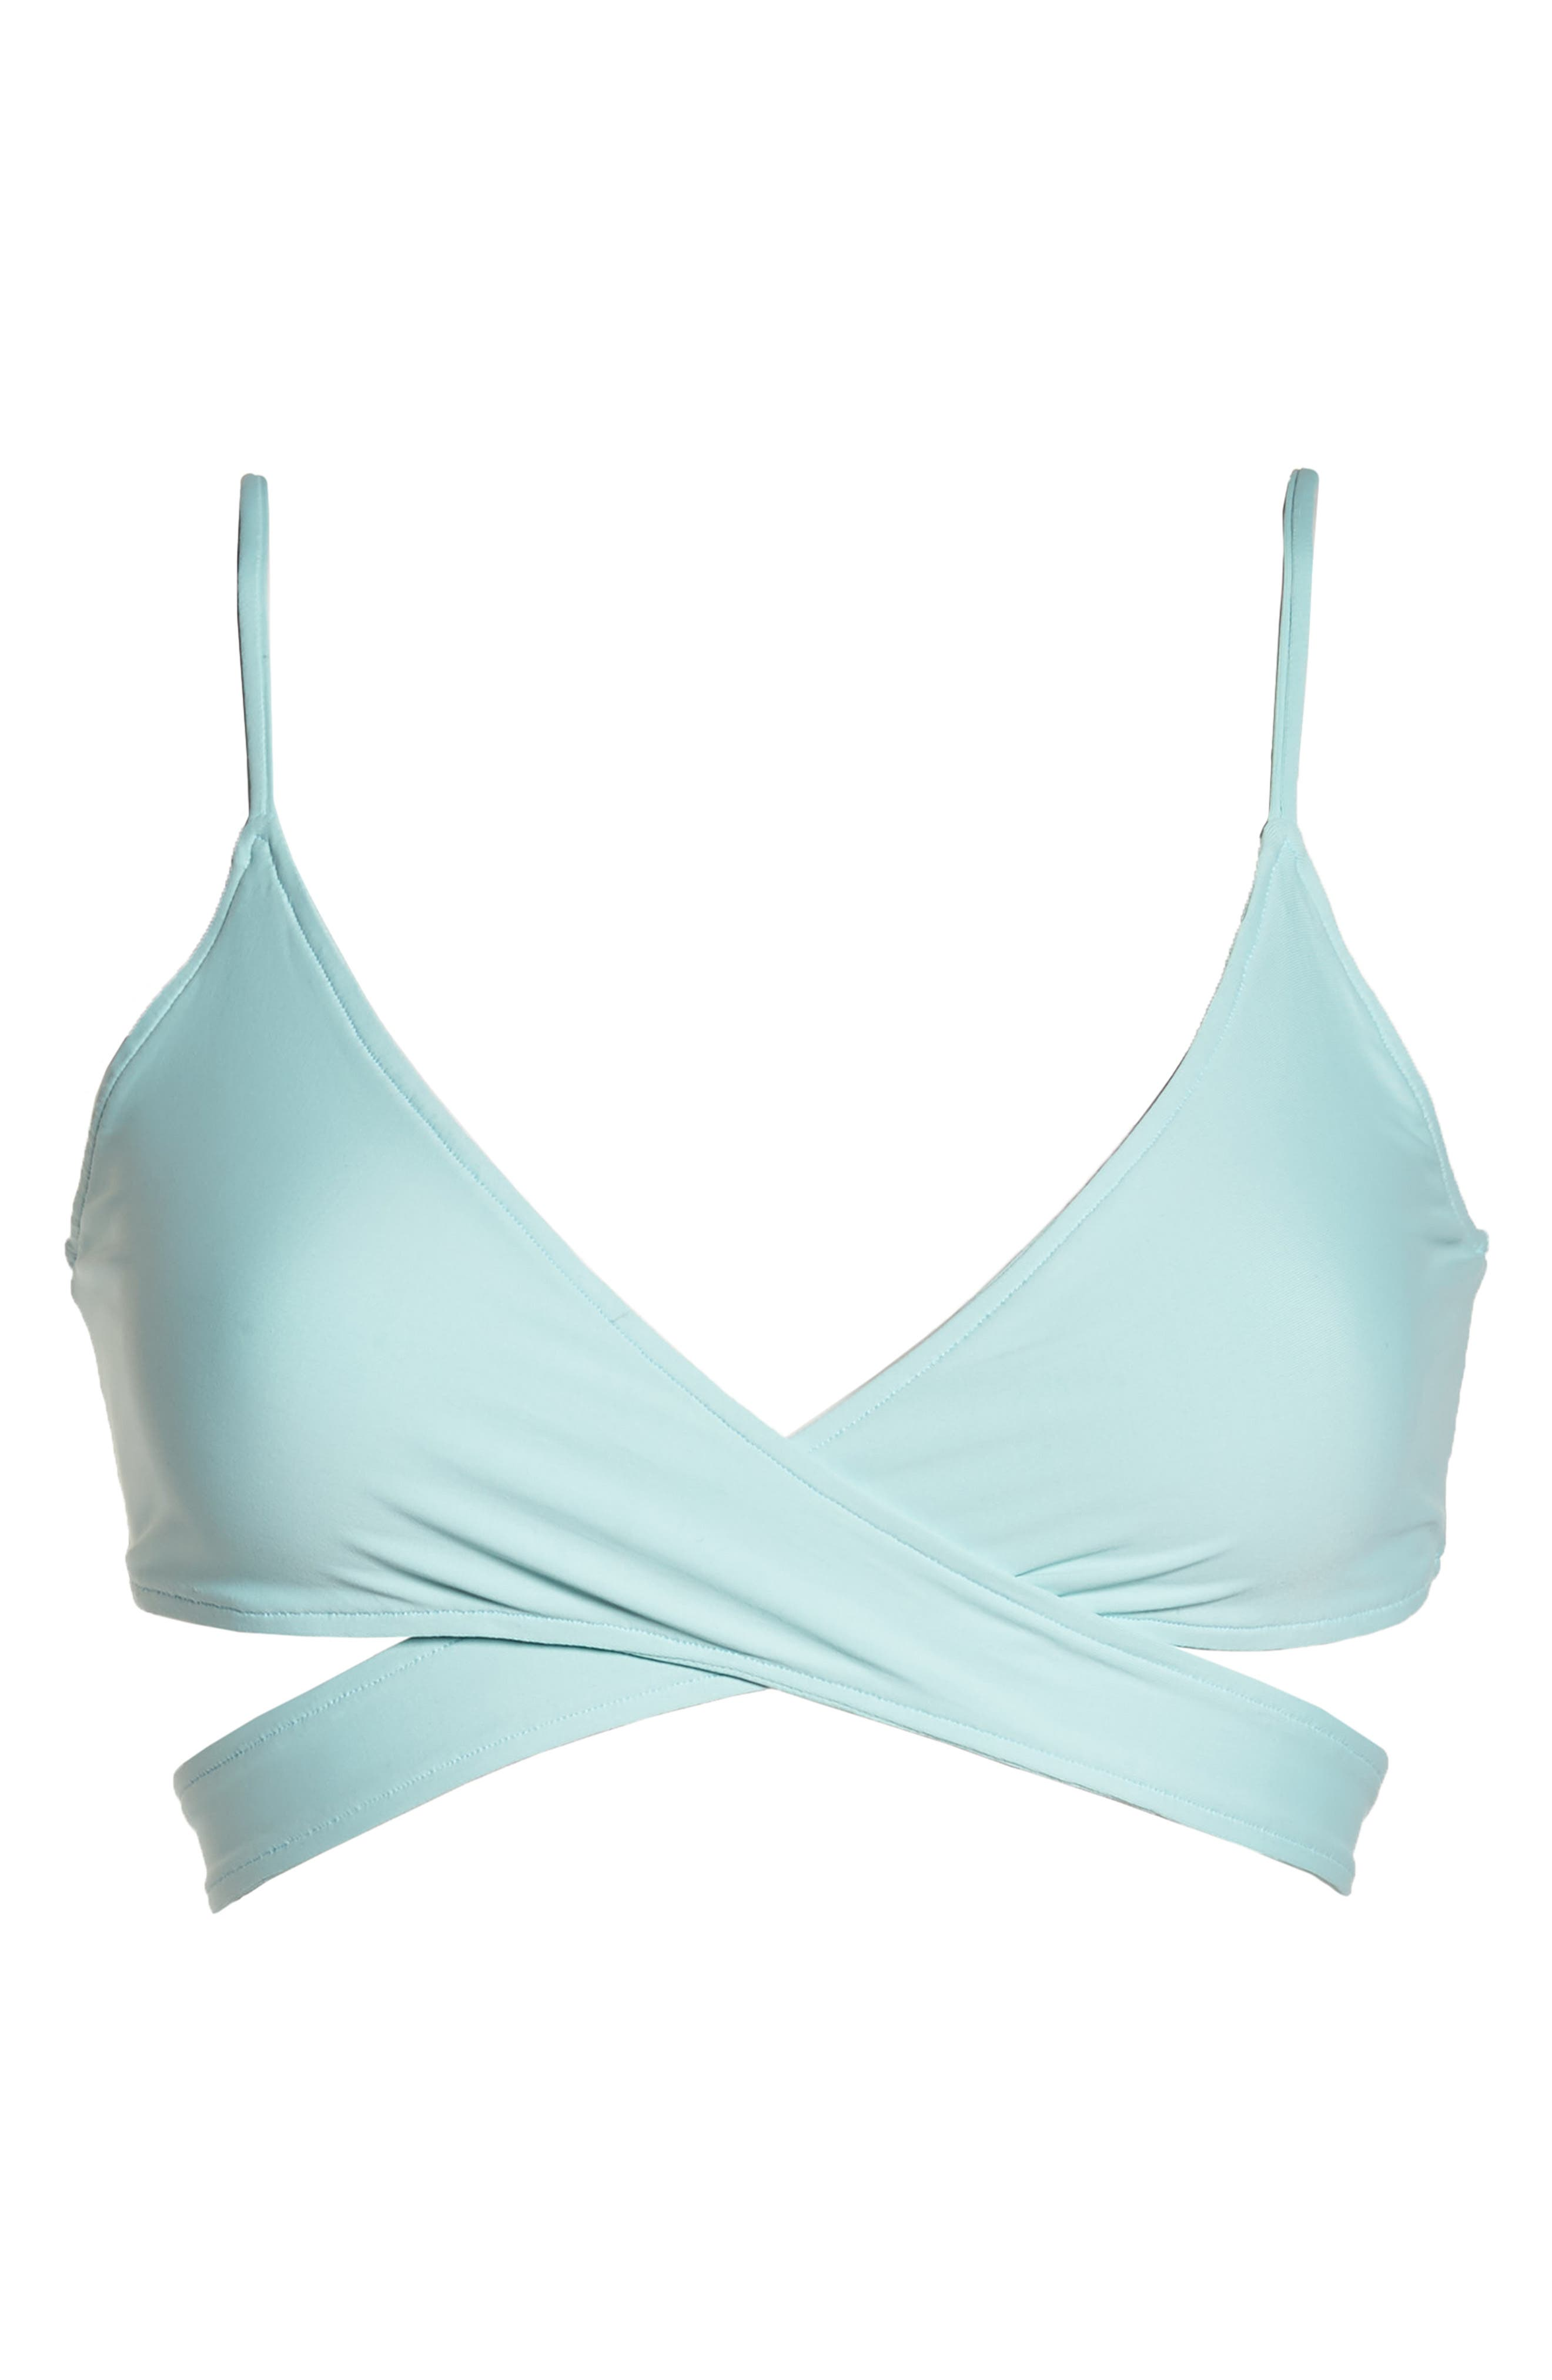 Chloe Wrap Bikini Top,                             Alternate thumbnail 8, color,                             Light Turquoise